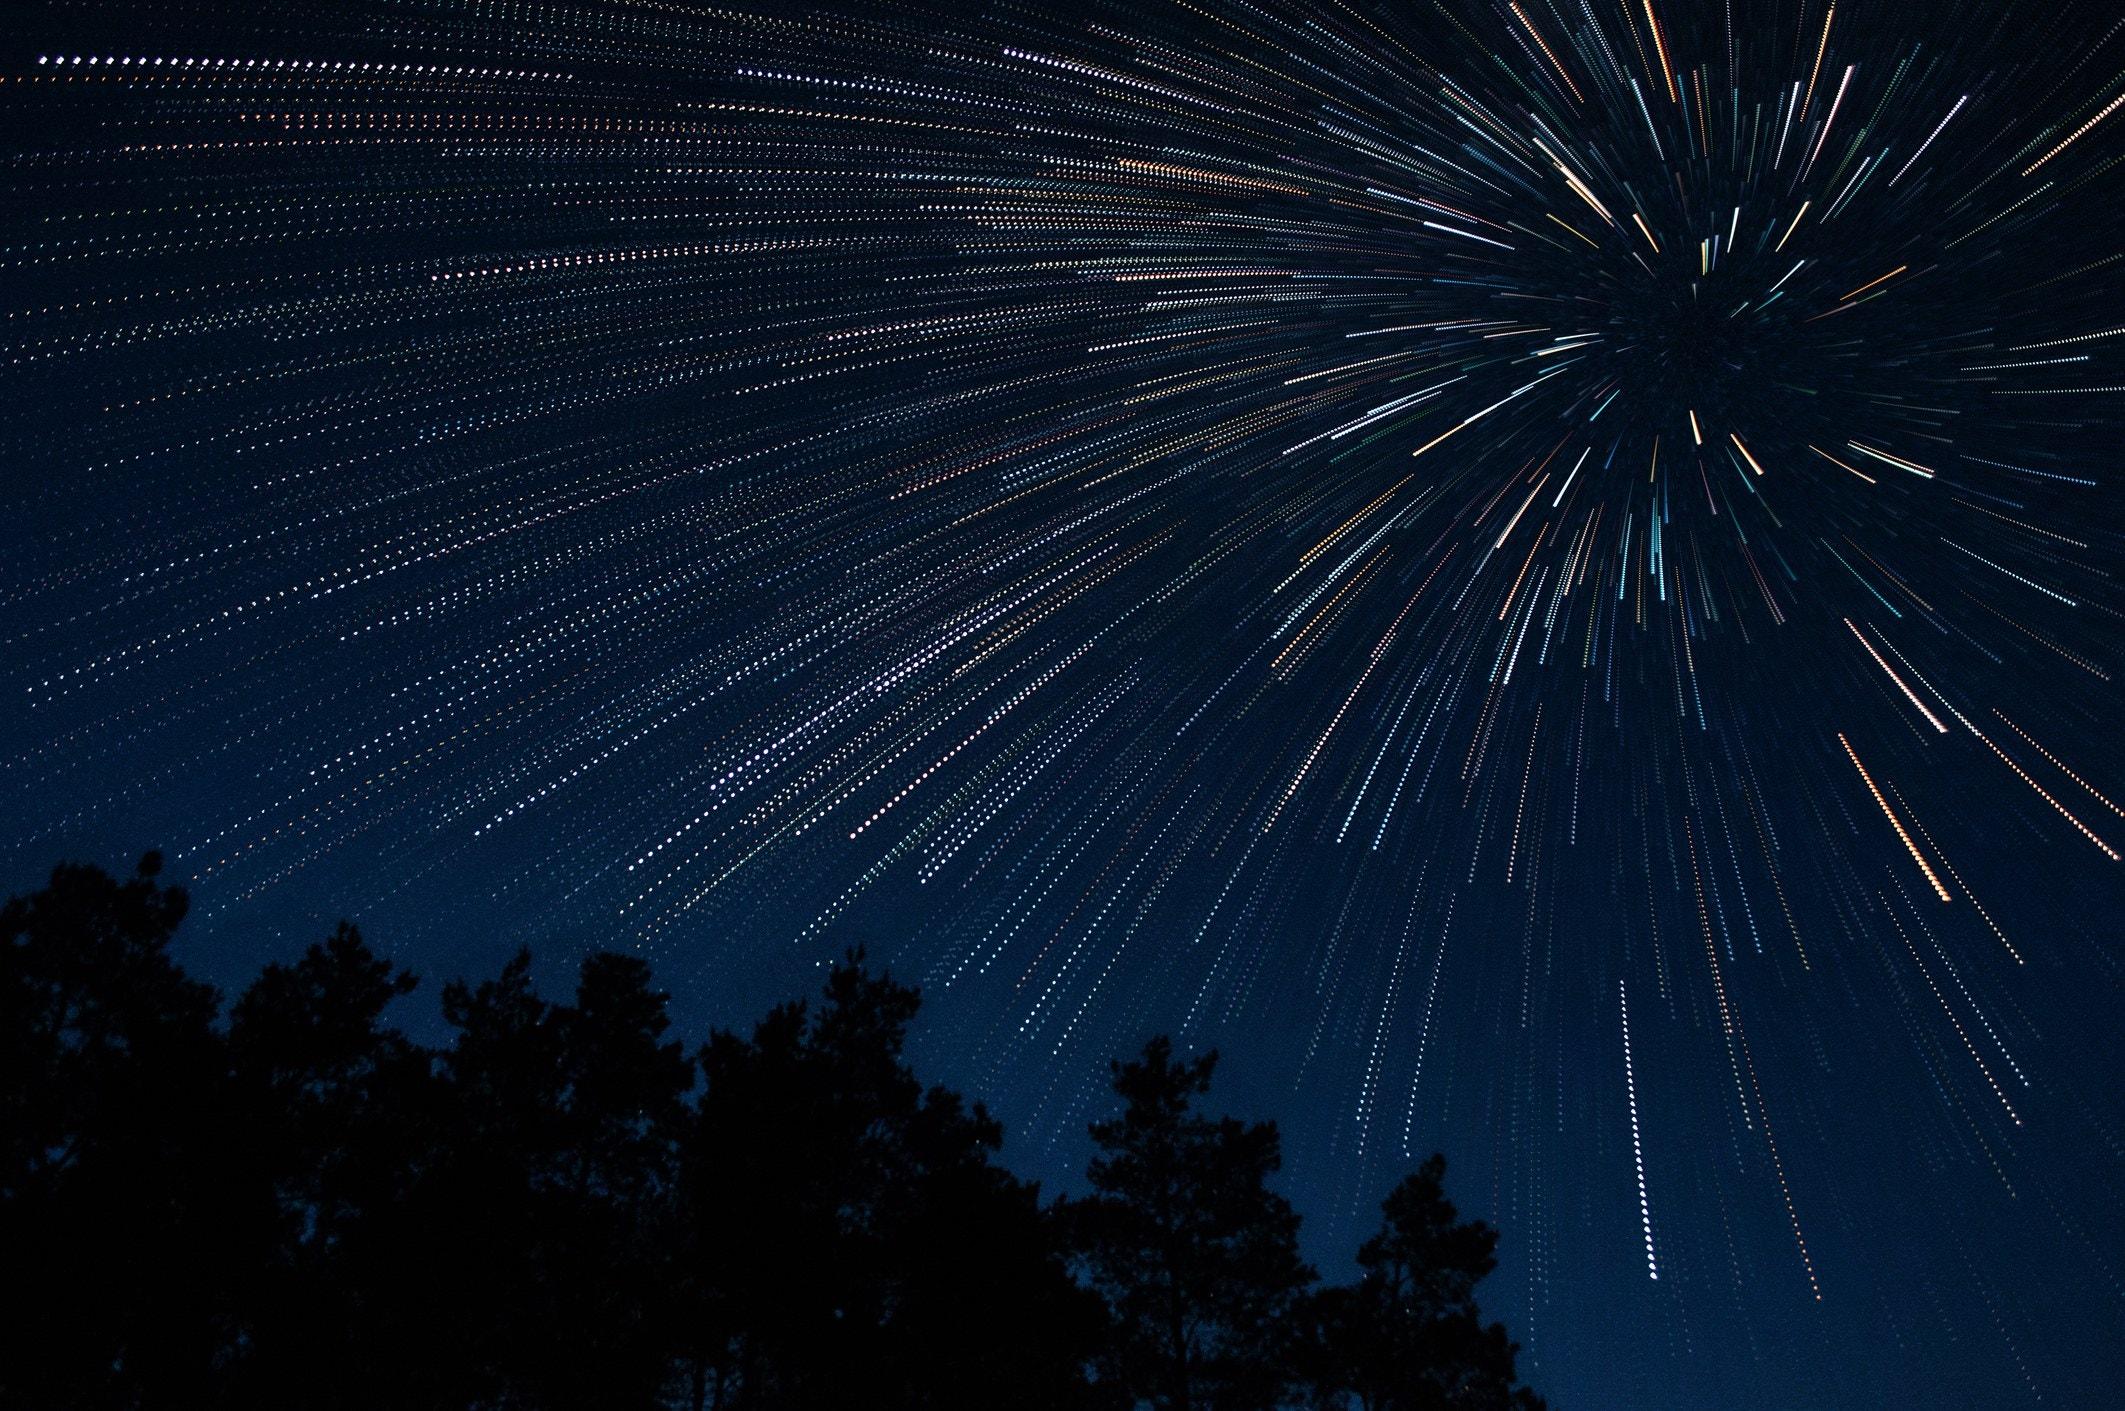 Tempesta di meteore delle Alfa Monocerontidi fra oggi e domani